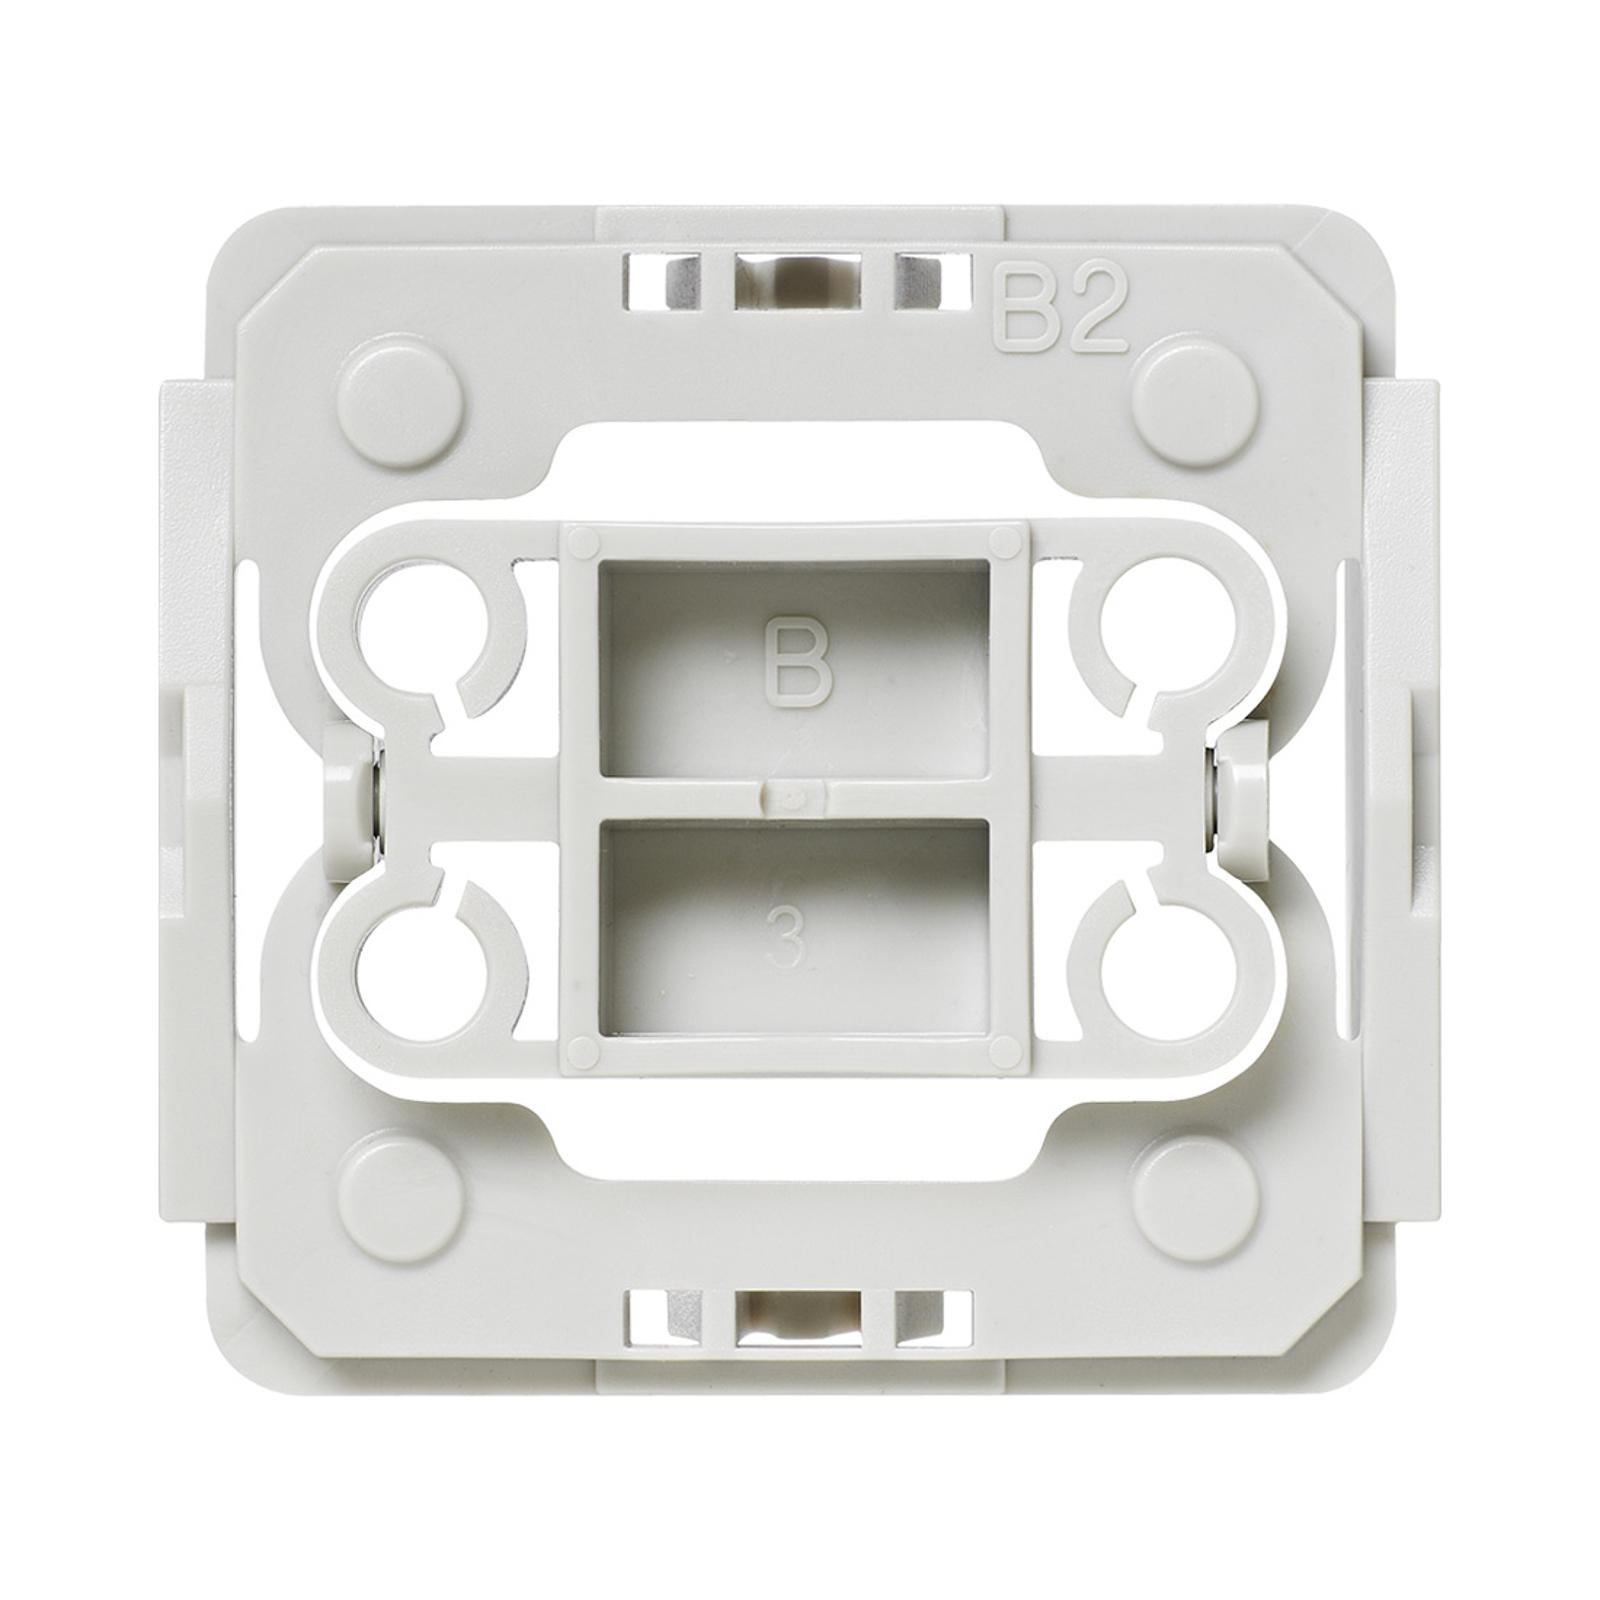 Homematic IP adaptateur interrupteurs Berker B2 1x